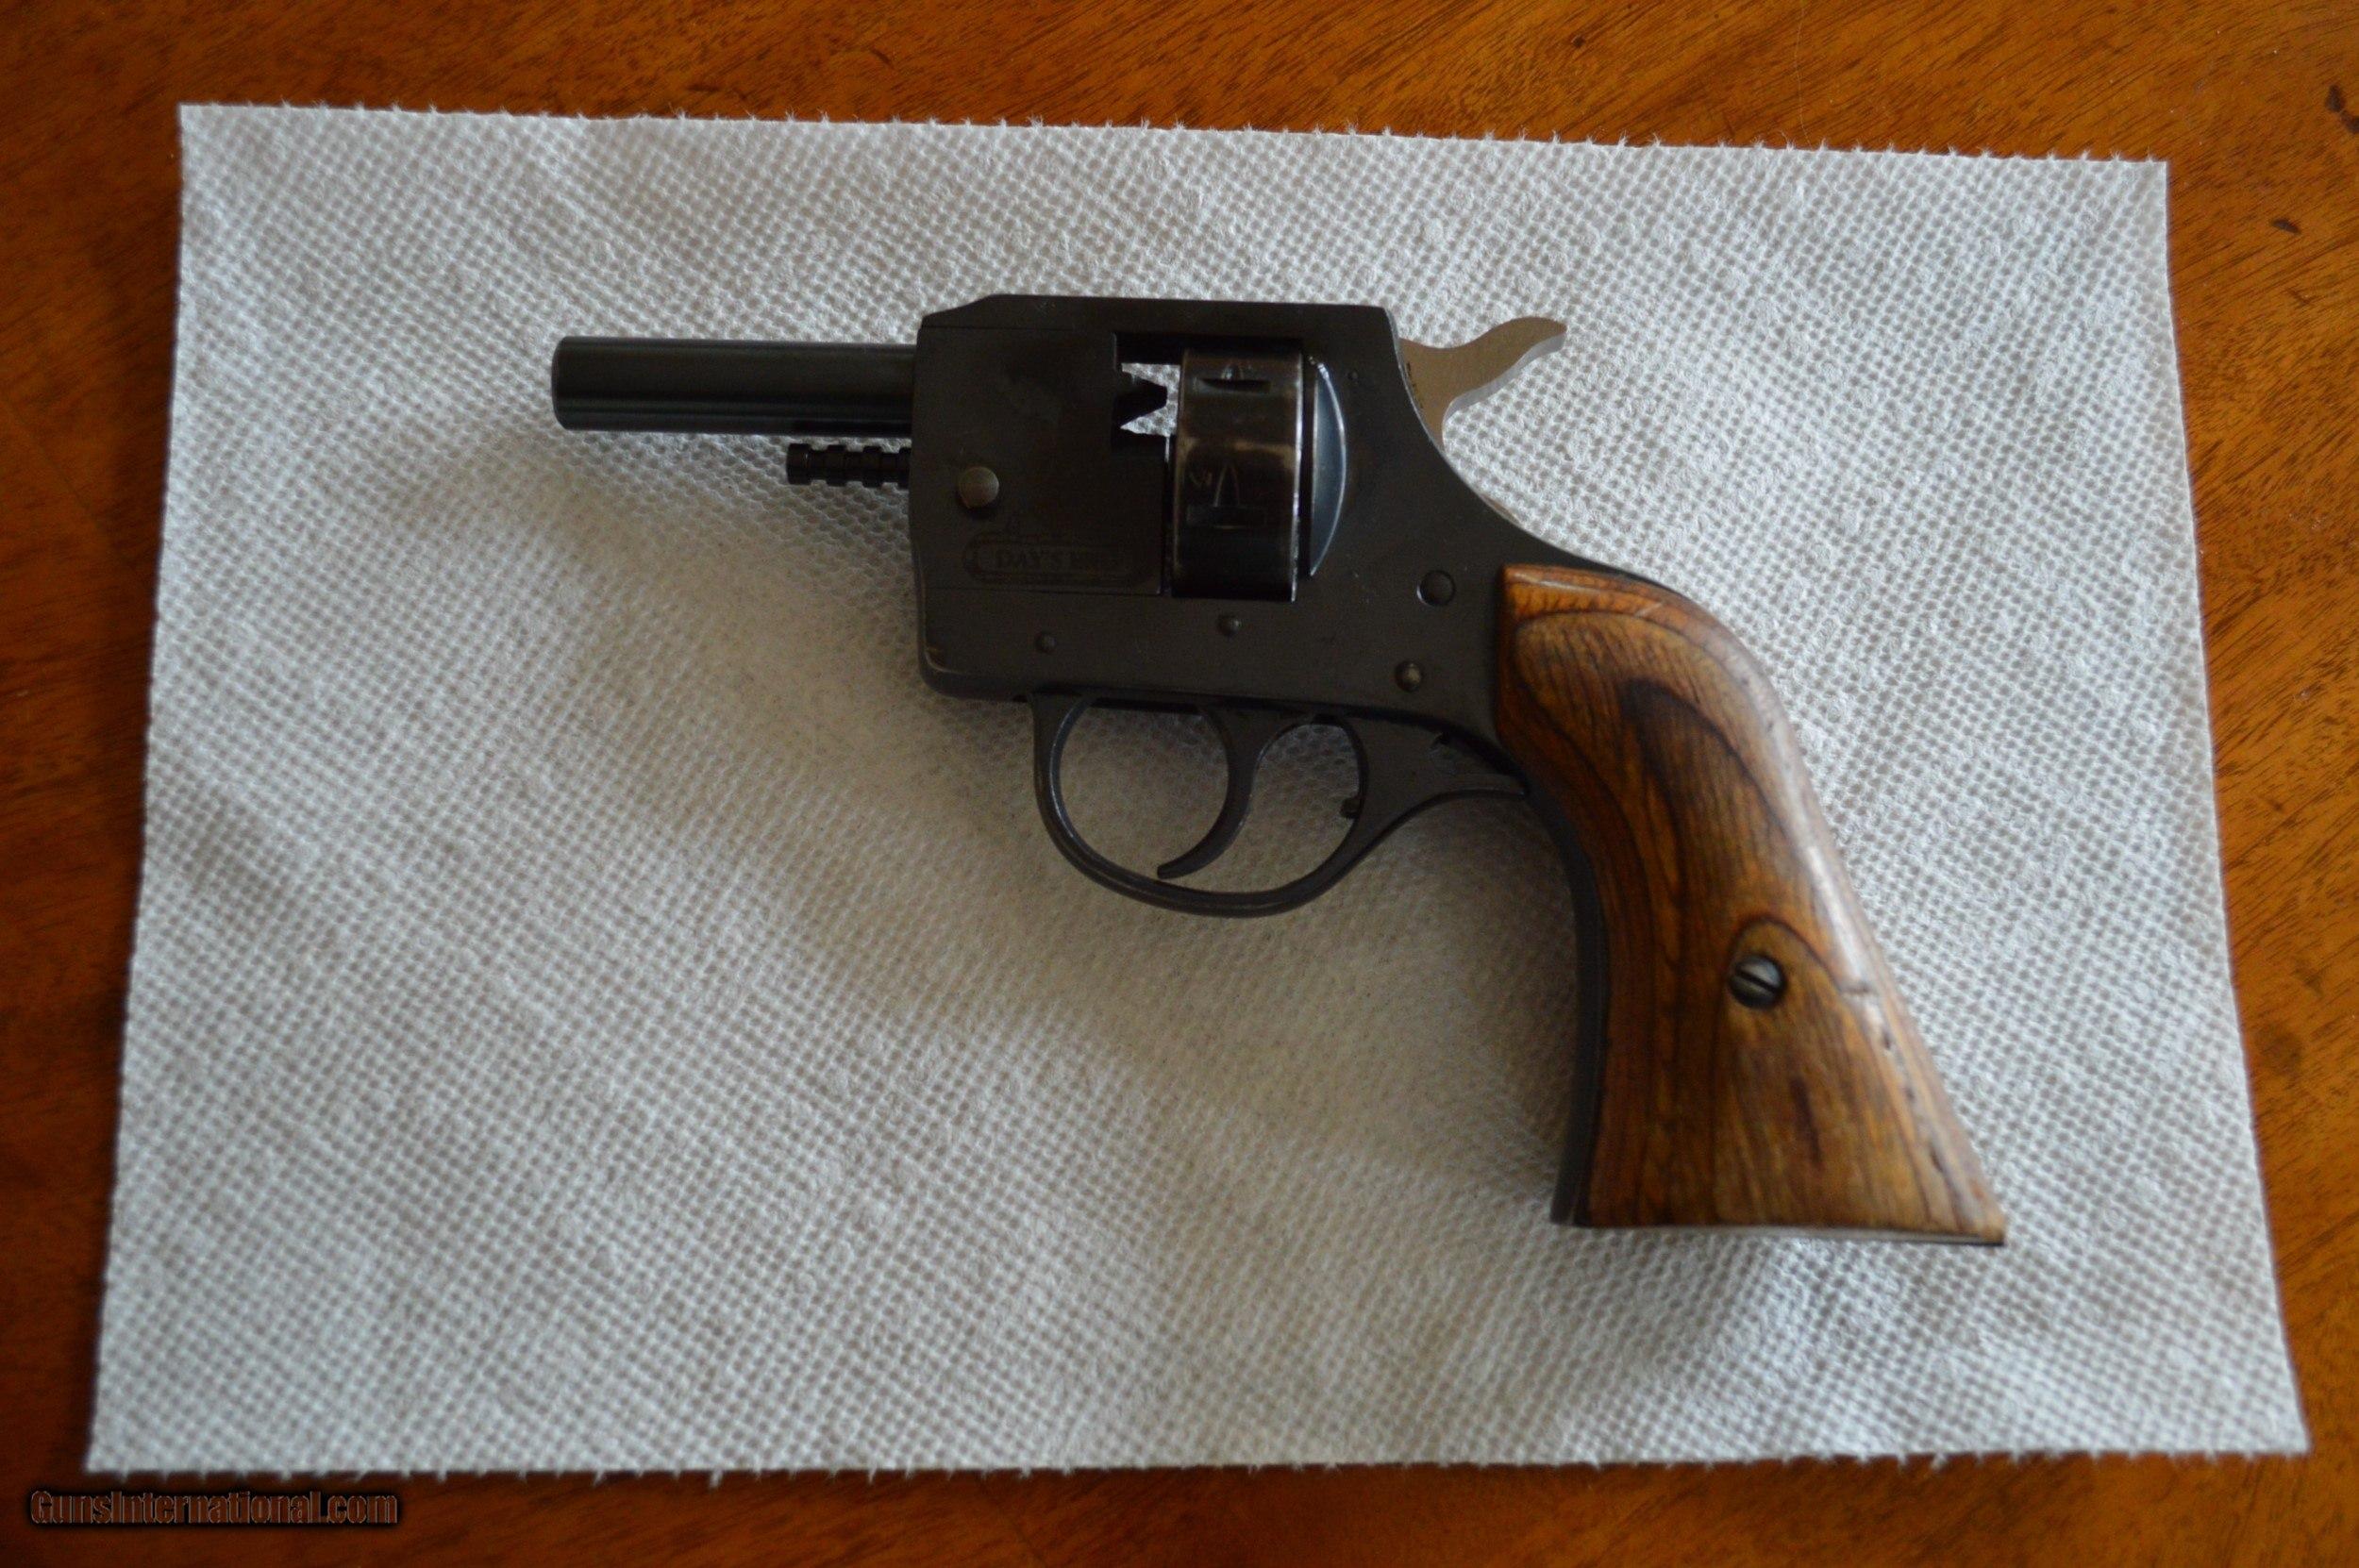 Blank Guns Primer: Kimar 209 Primer Starter Pistol